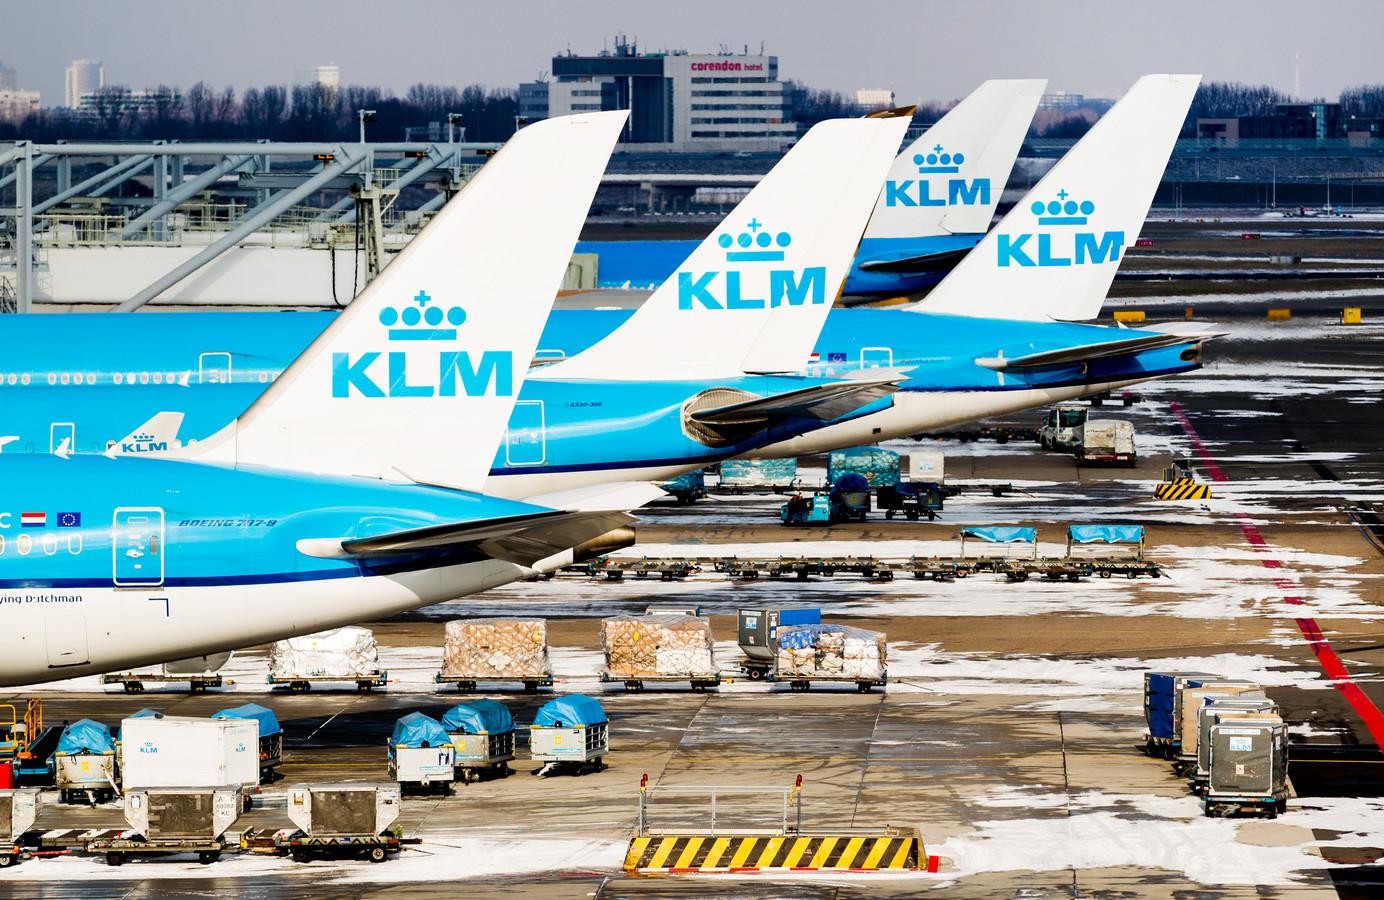 Vliegtuigen van KLM bij de gate op Schiphol.